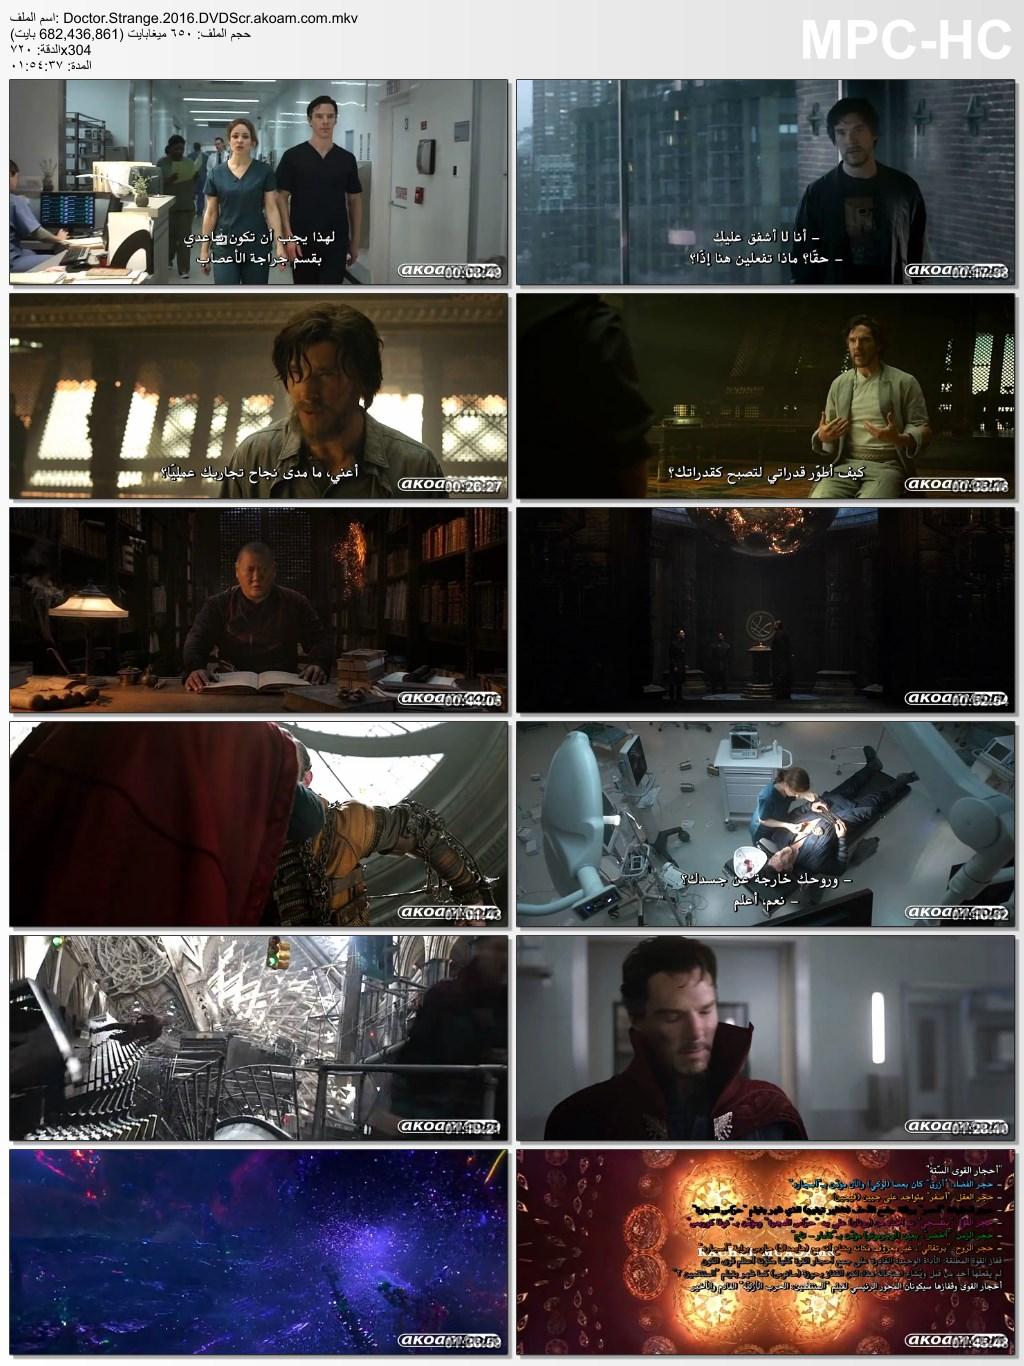 فيلم Doctor Strange 2016 مترجم اكوام موقع الأفلام والمشاهدة والتحميل